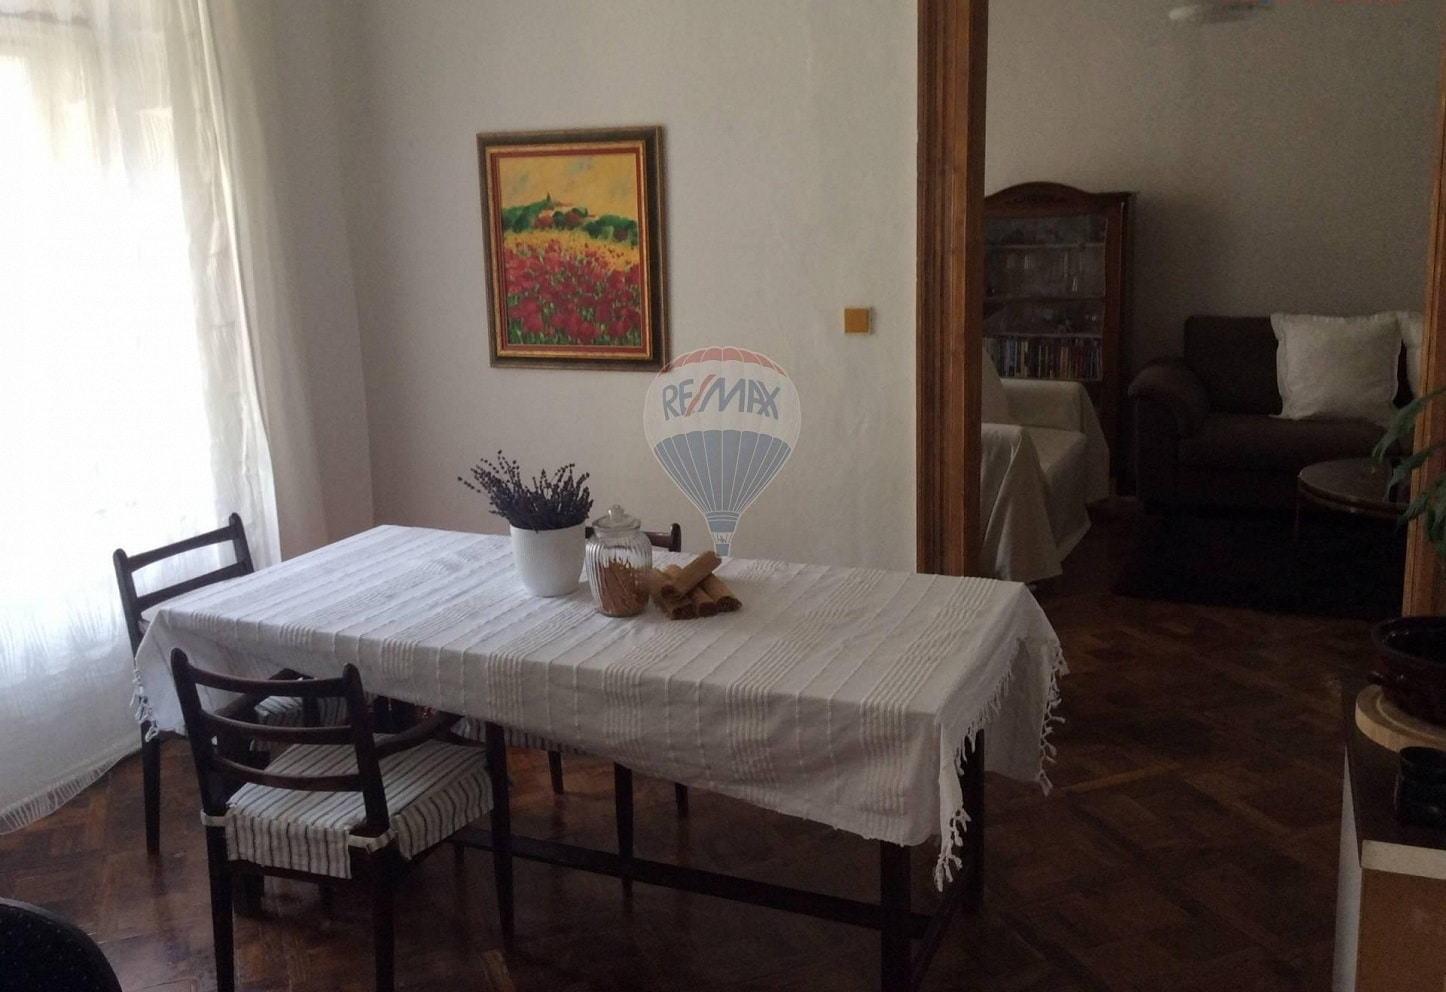 דירת 3 חדרים למכירה בפראג 1 על 78 מר (12)